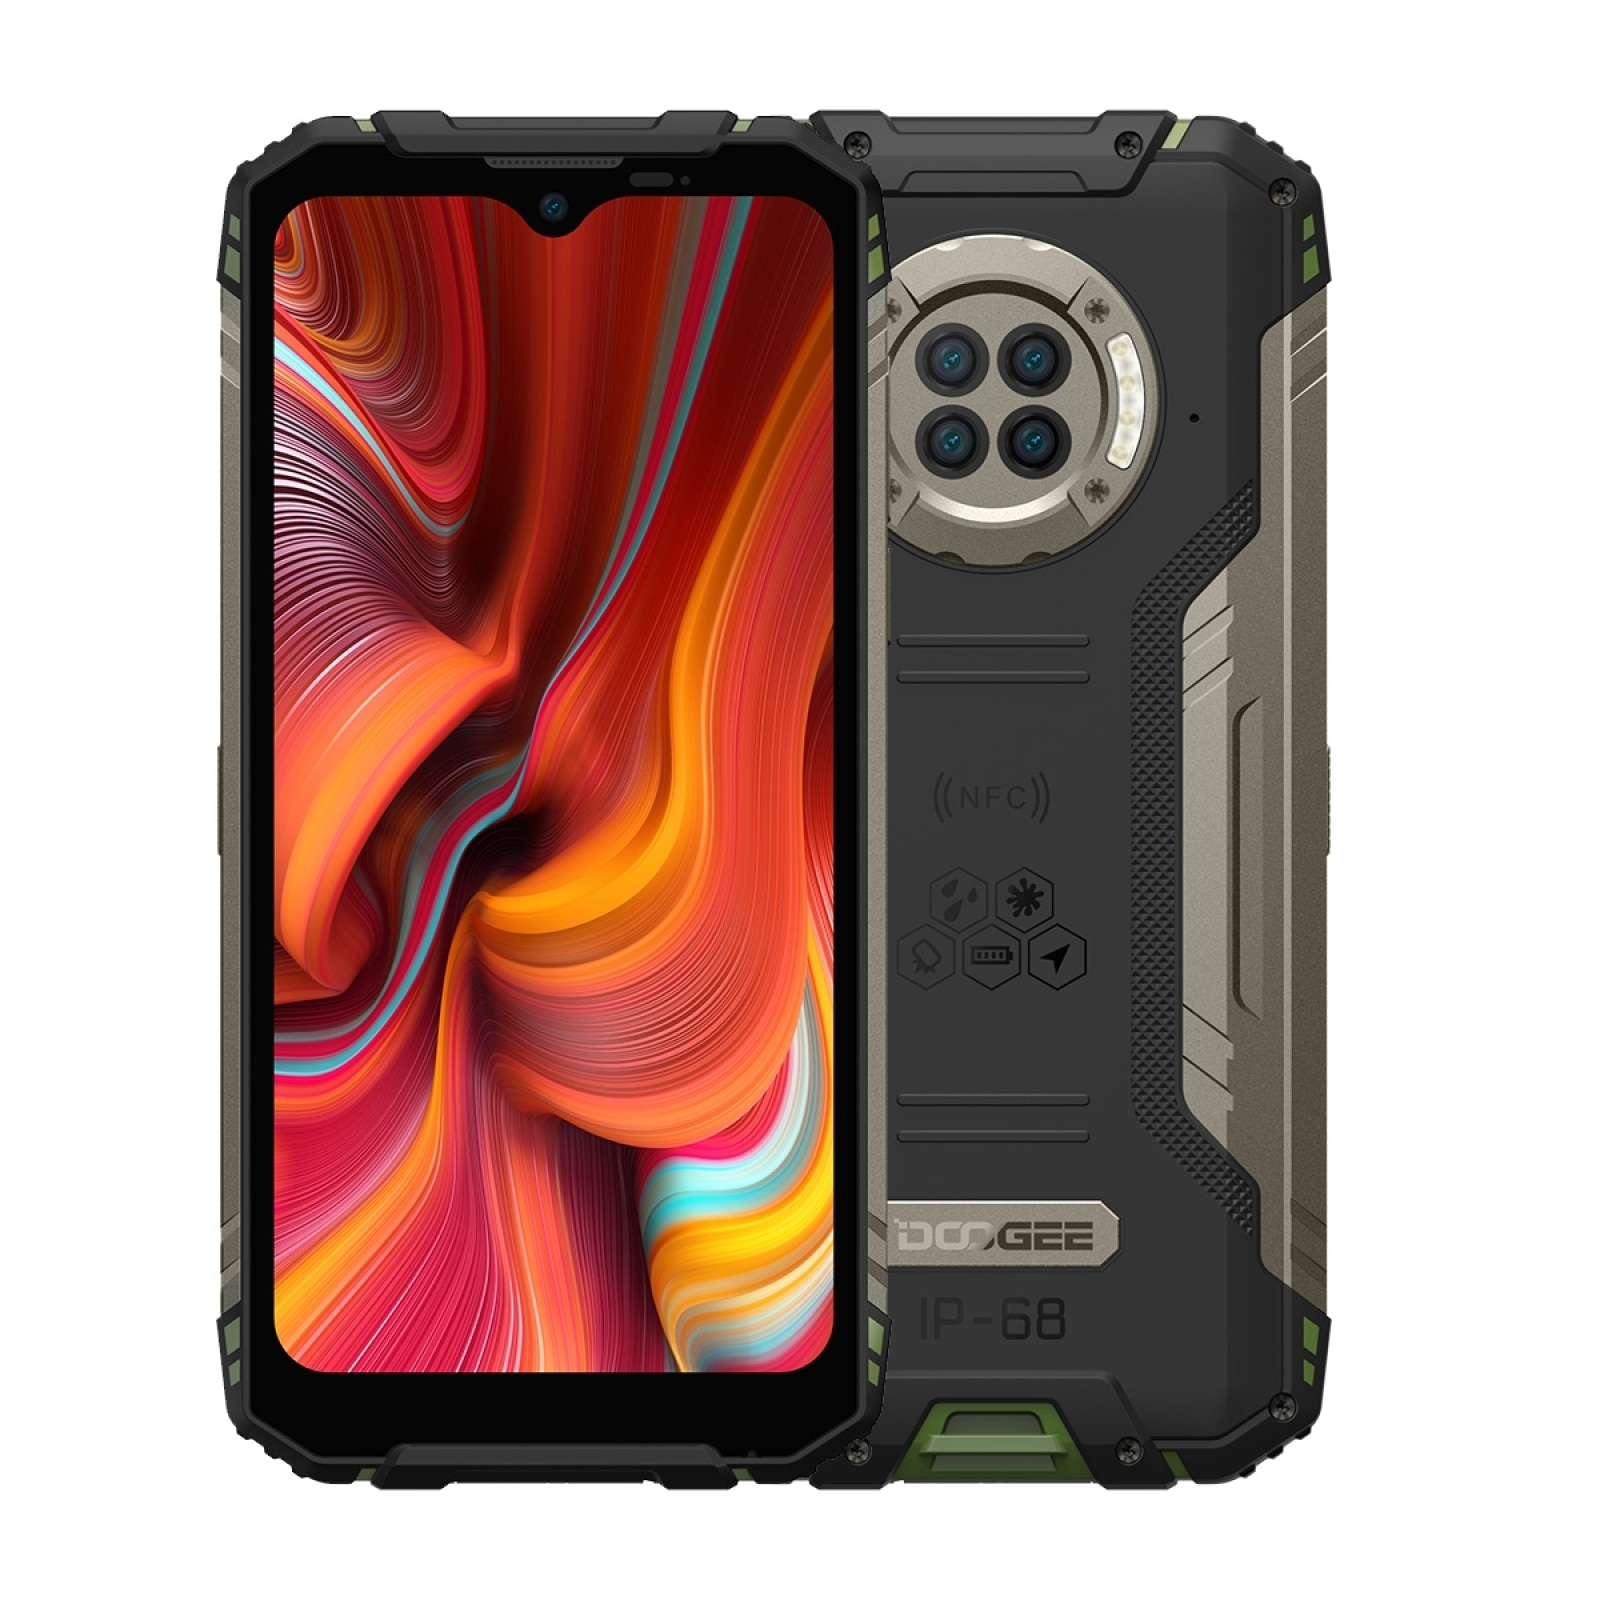 Смартфон DOOGEE S96 Pro защищенный, Android 10, Helio G90, 8 + 128 ГБ, 6,22 дюйма, 48 МП, 6350 мАч